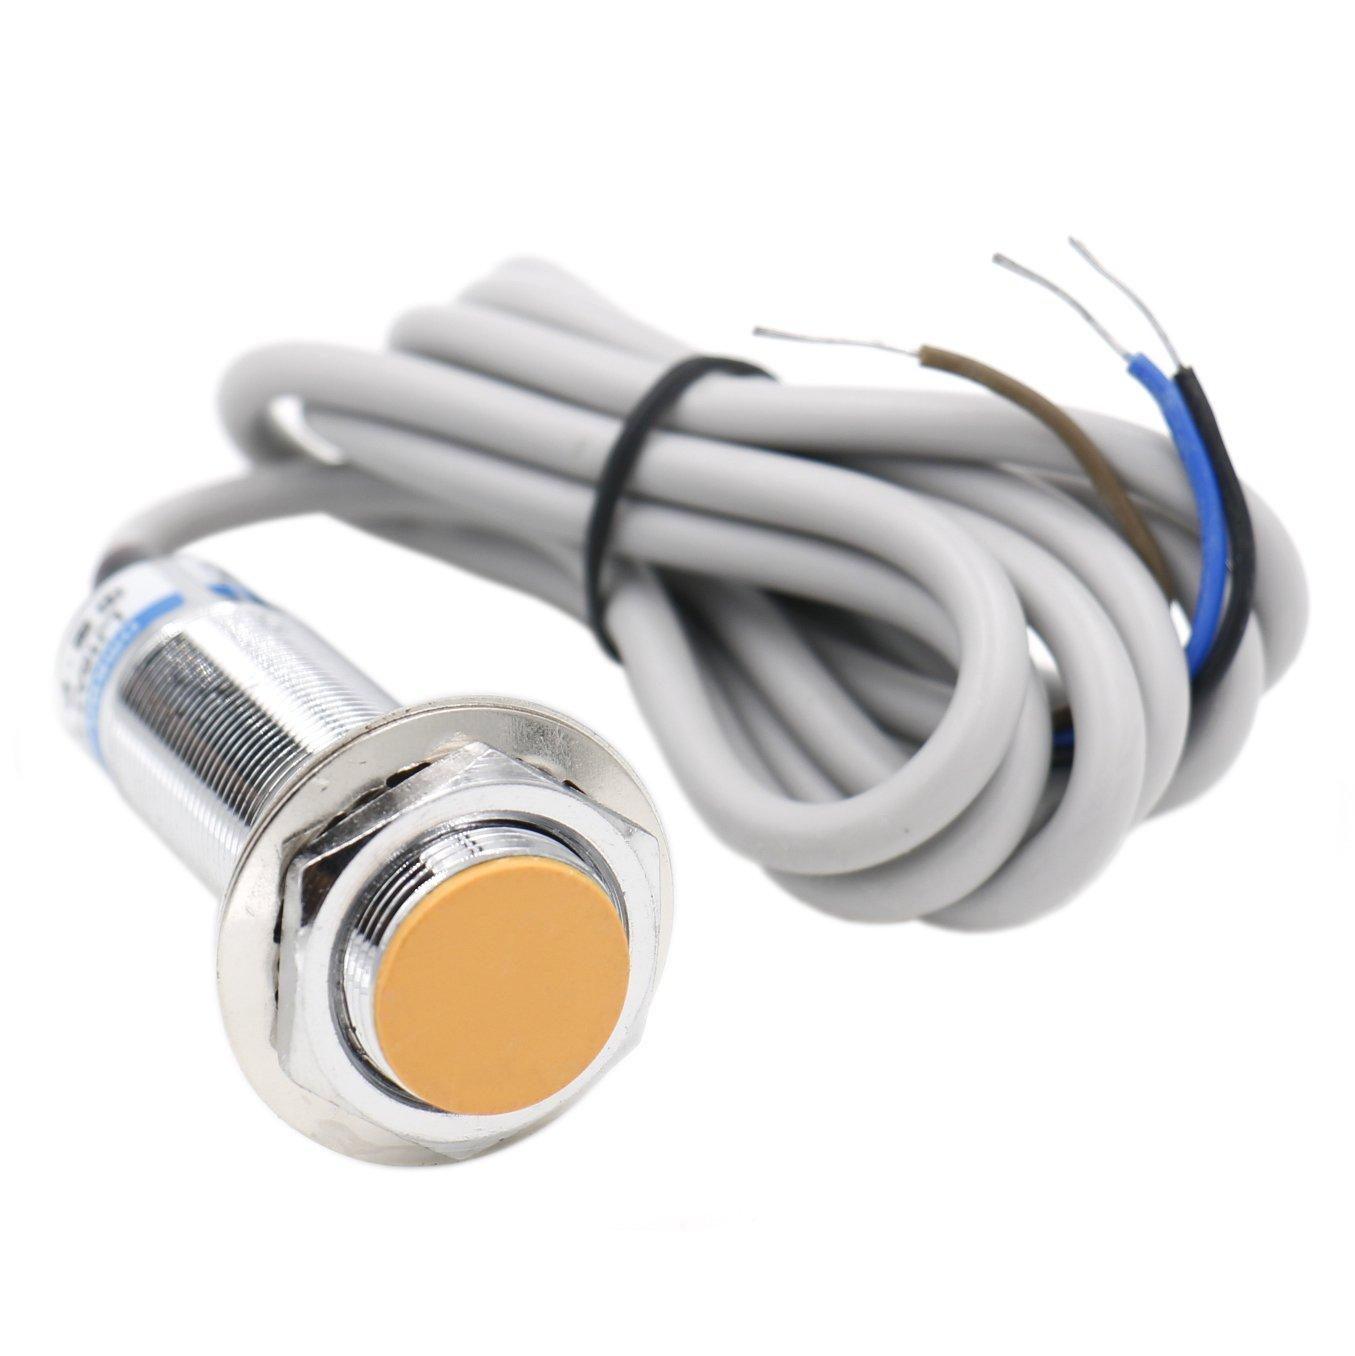 Heschen interruttore del sensore di prossimità induttivo LJ18A3–5-z/rilevatore di 5mm 6–36VDC 300mA PNP normalmente aperto (no) 3fili Heschen Electric Co.Ltd HS-LJ18A3-5-Z/BY